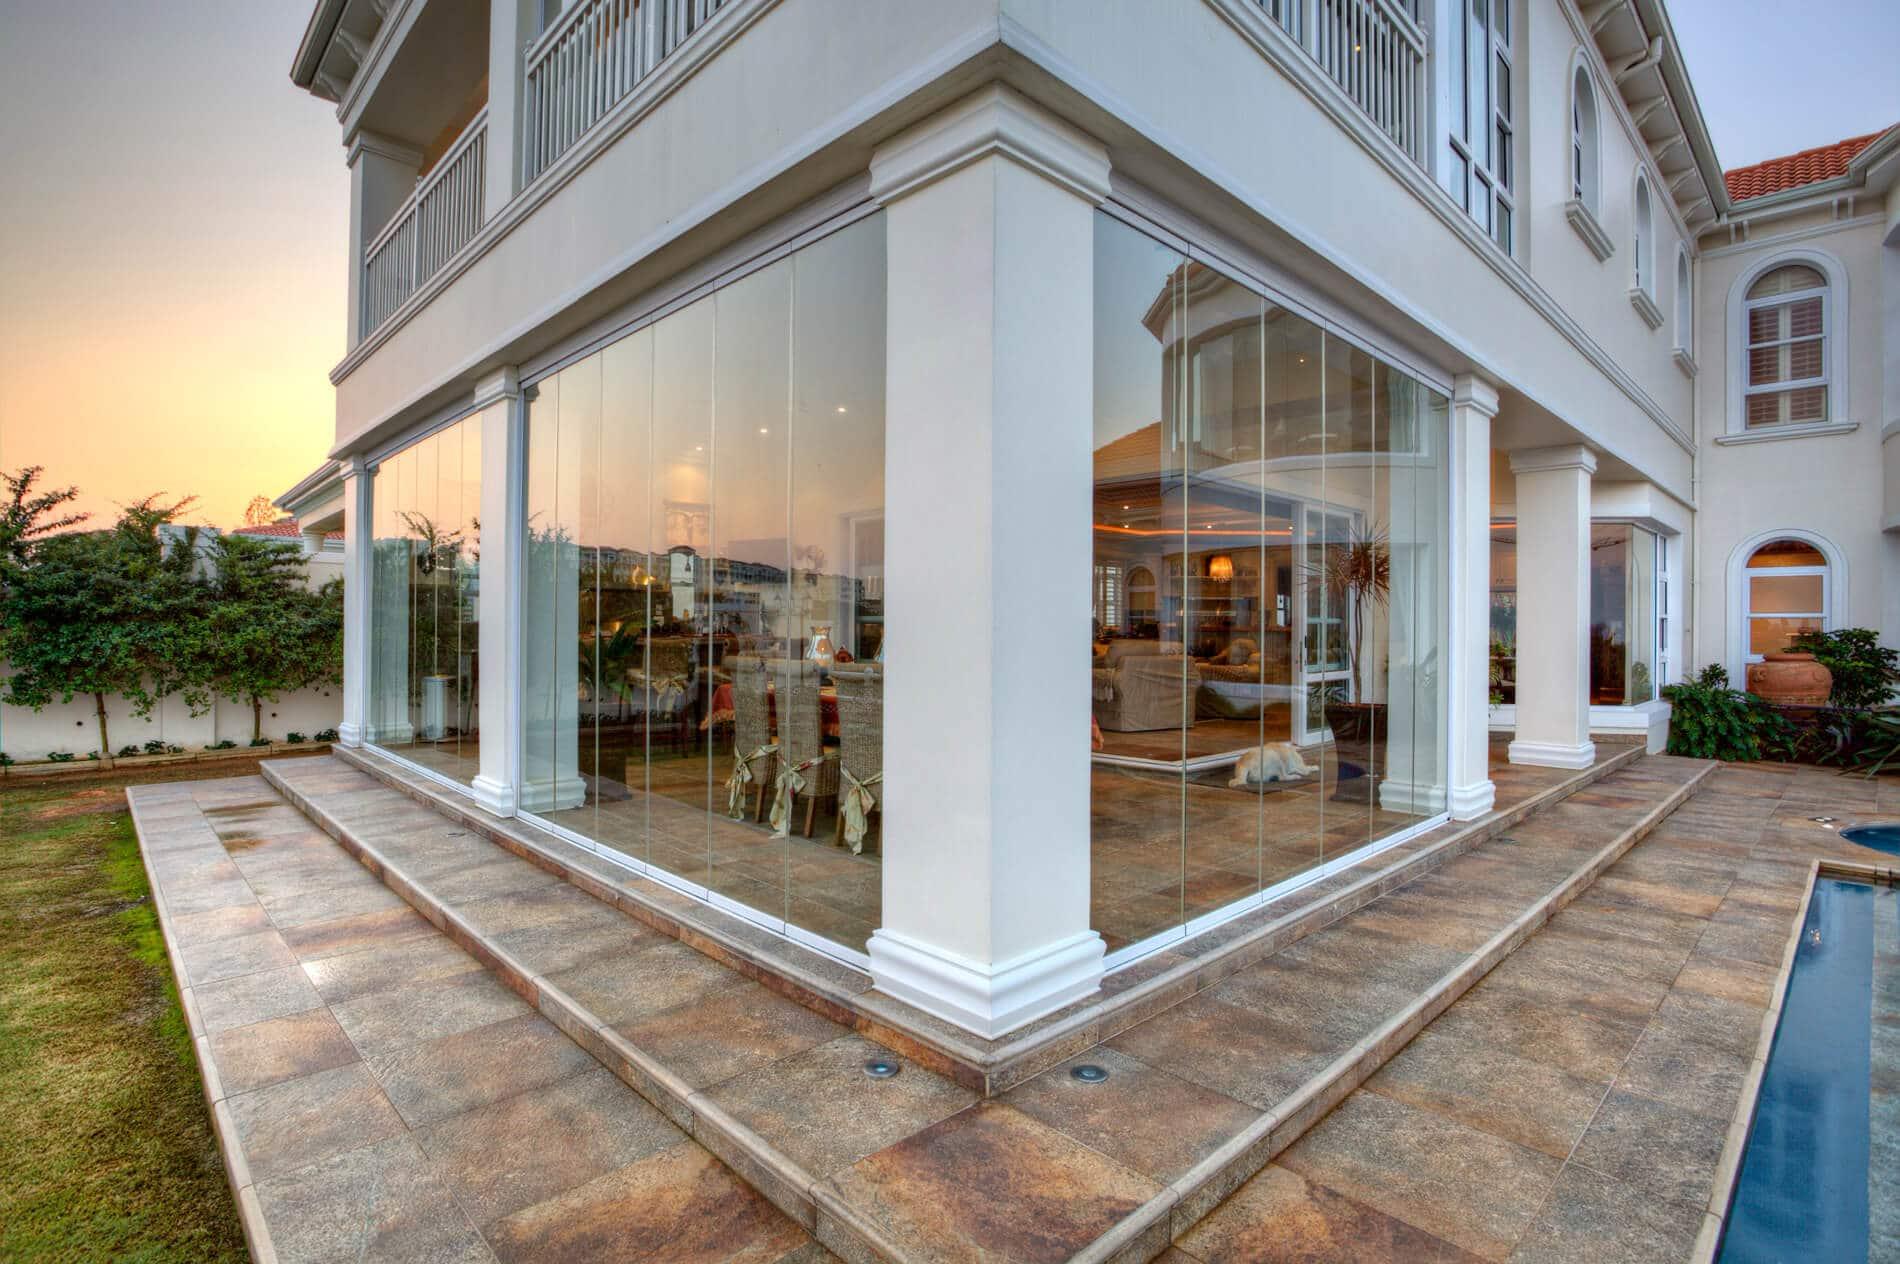 Sunflex SF 25 Glas-Schiebetüren für Terrasse und Wintergarten